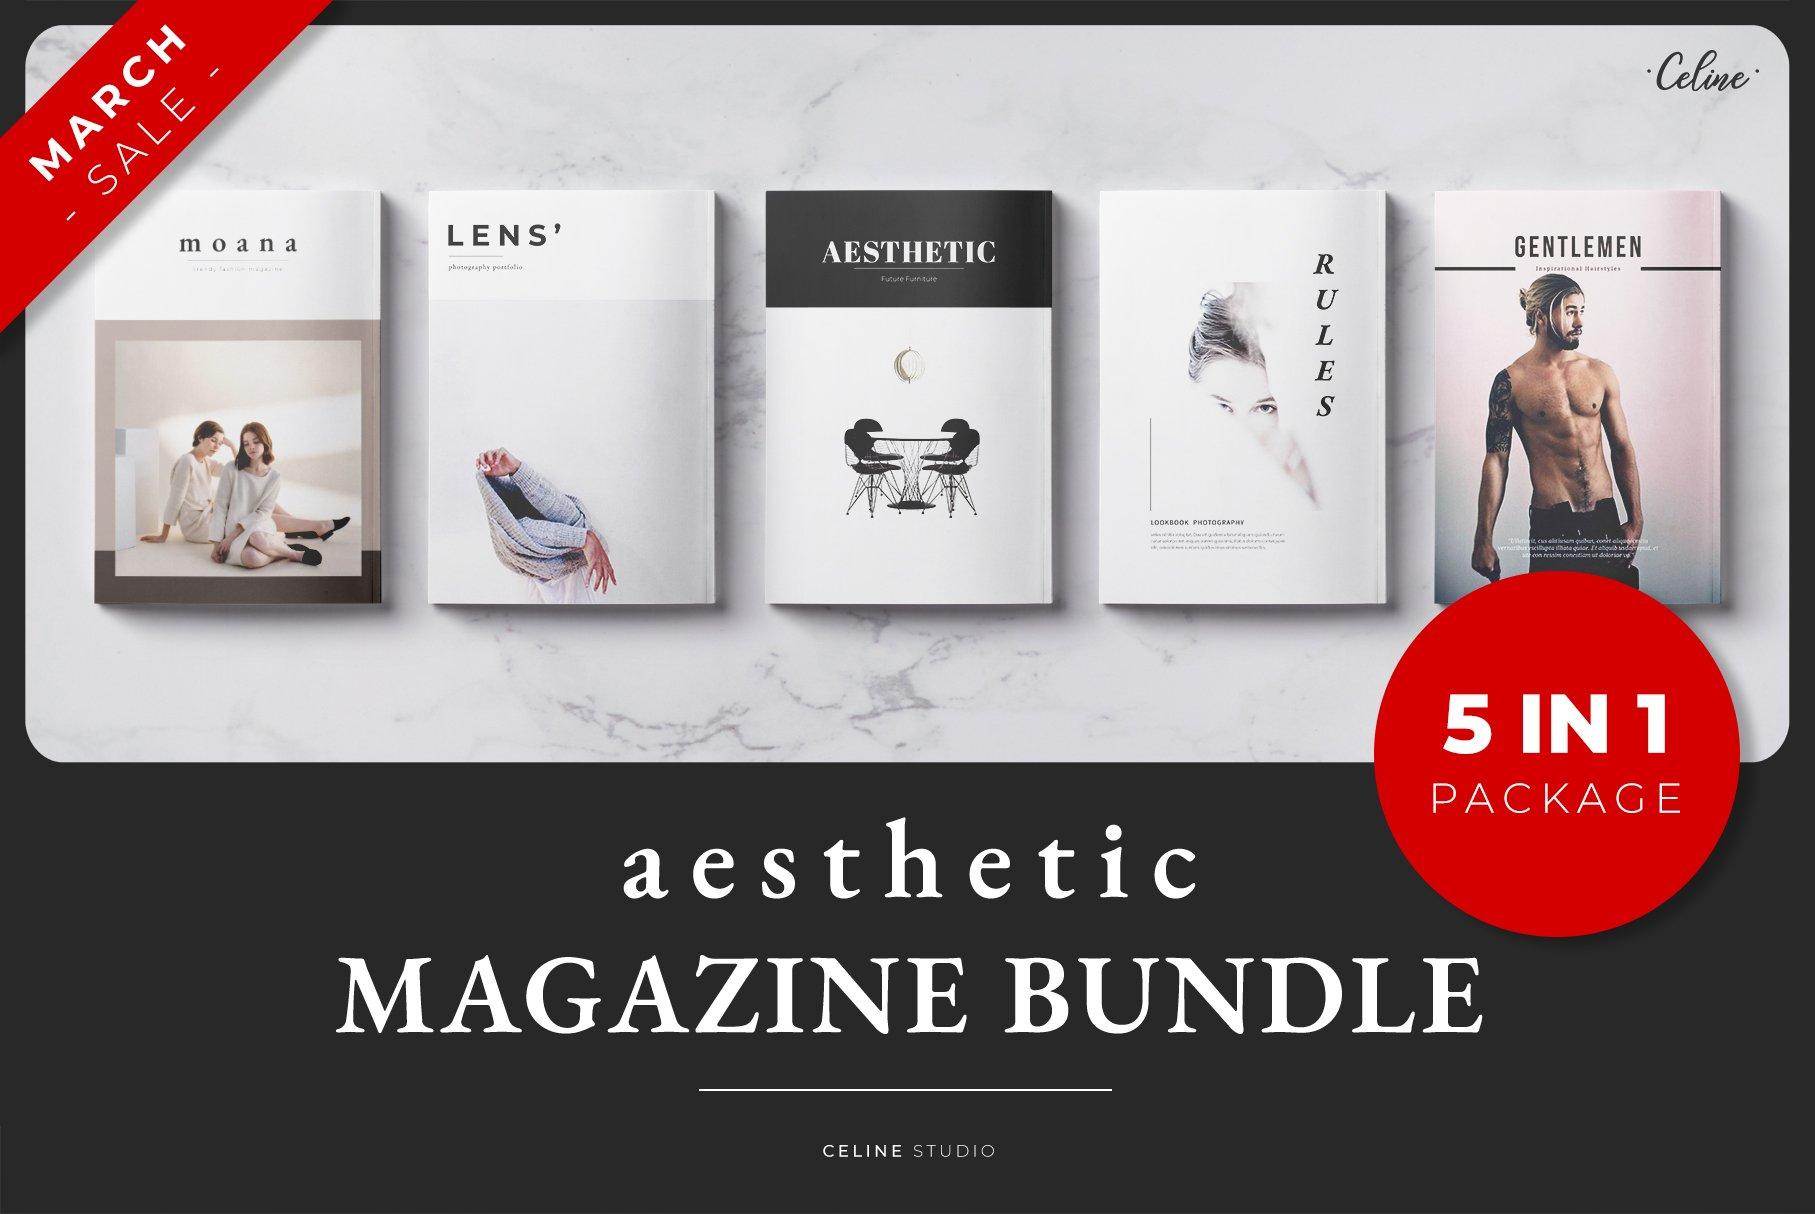 极简生活类展示杂志模板 AESTHETIC Magazine Bundle (5 IN 1)